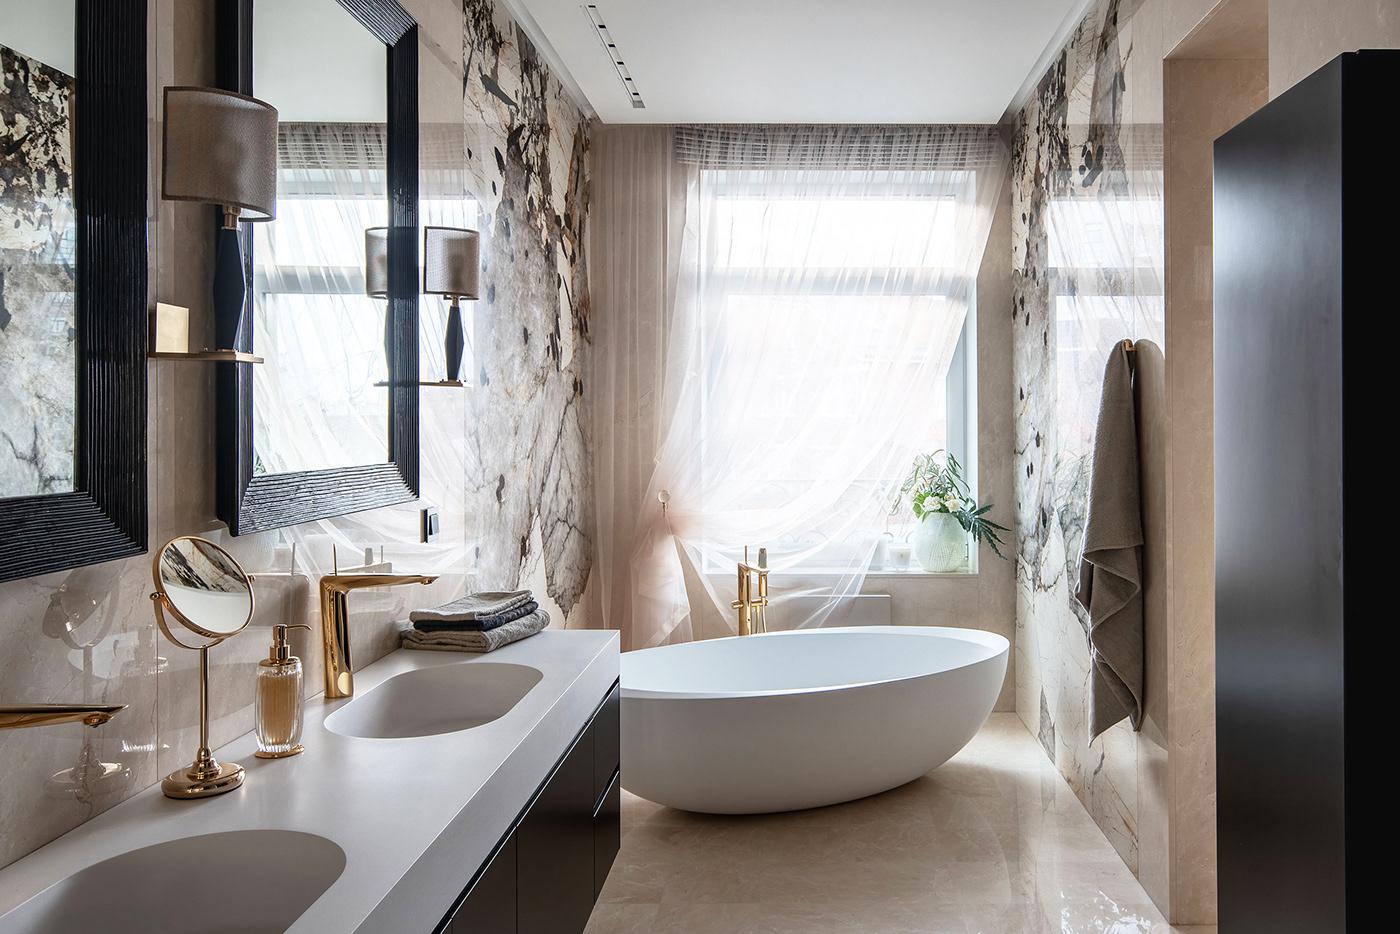 Modelos de banheiro luxuoso com banheira, pia dupla e revestimento de mármore.